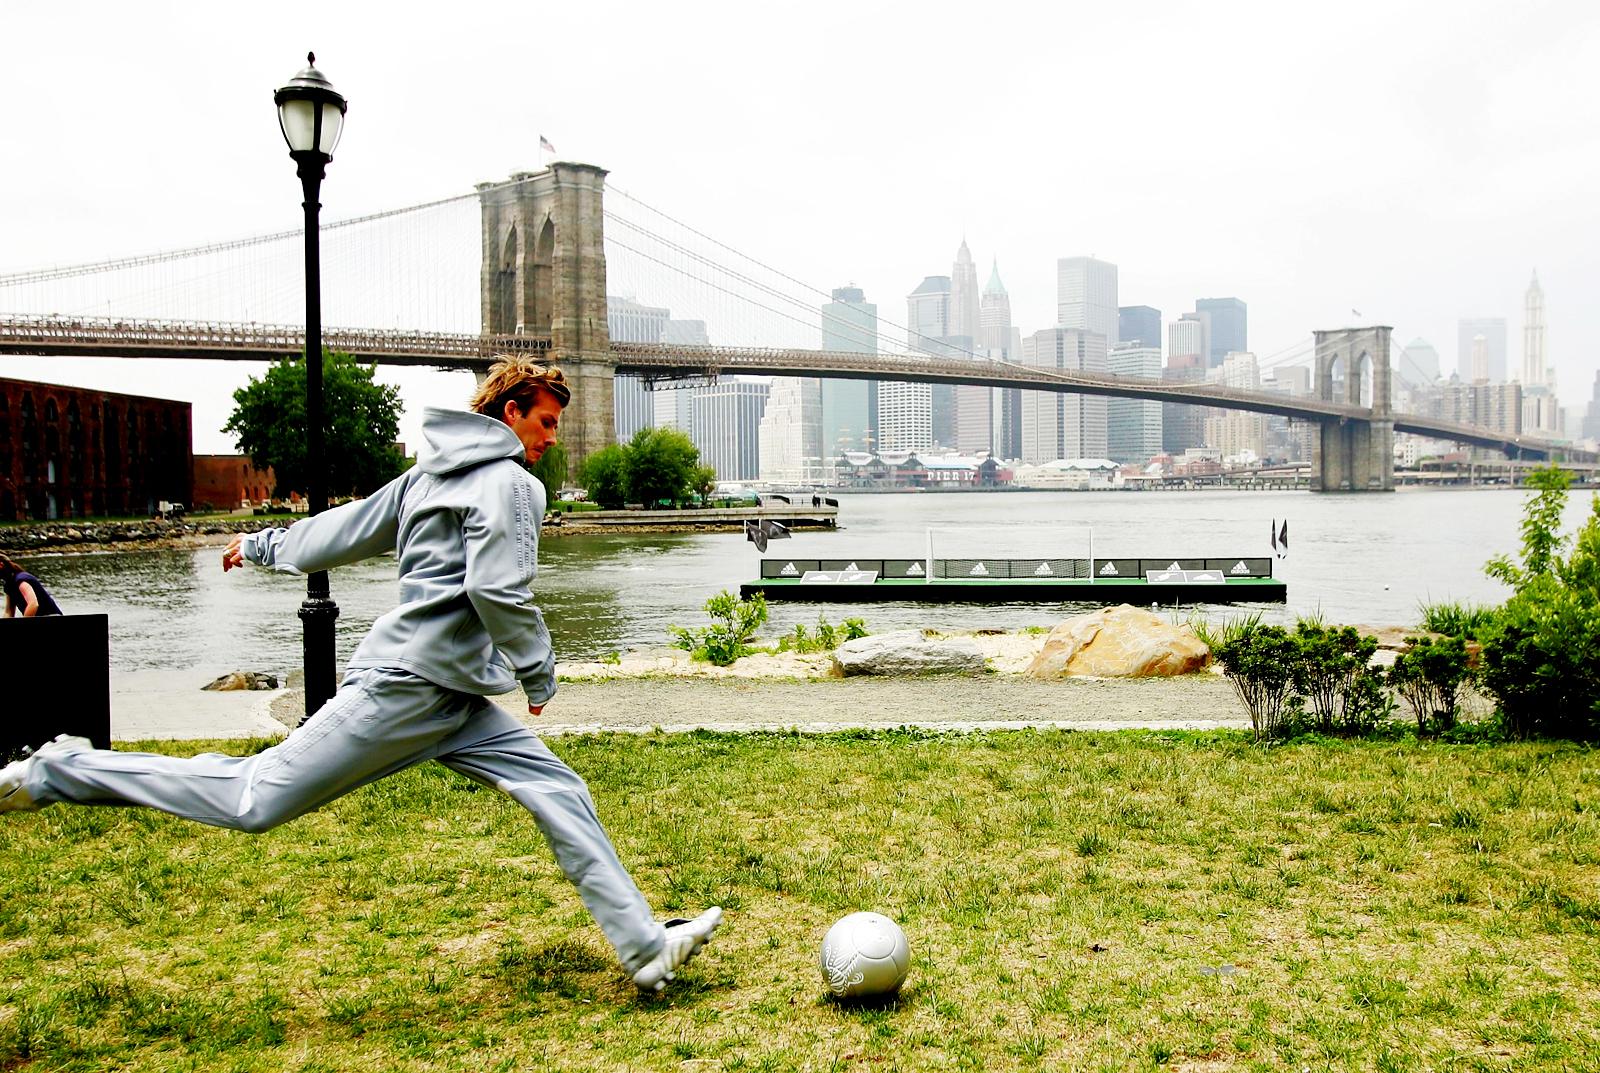 http://1.bp.blogspot.com/-MeE8sQEaT6A/Ttt7A-ZgSHI/AAAAAAAAEvg/GA5ihNcdR50/s1600/David_Beckham_Adidas_Shooting-Vvallpaper.Net.jpg